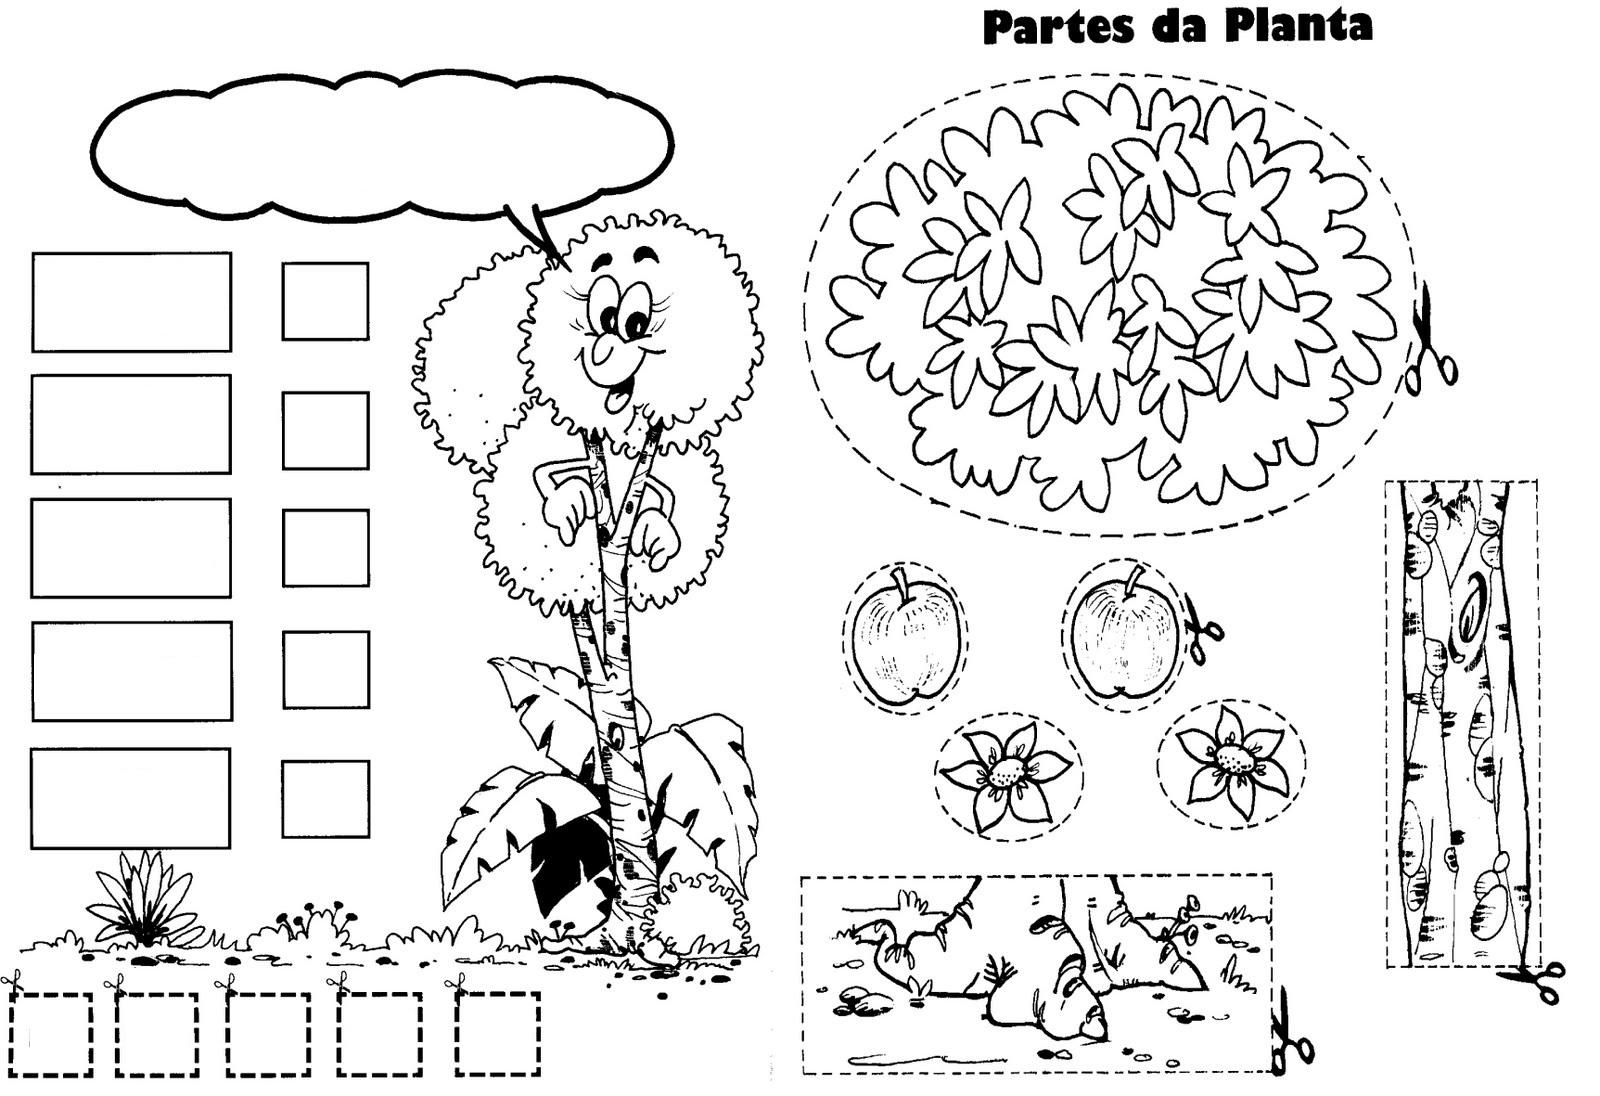 COLOREA TUS DIBUJOS: Dibujo de una planta para completar sus parte